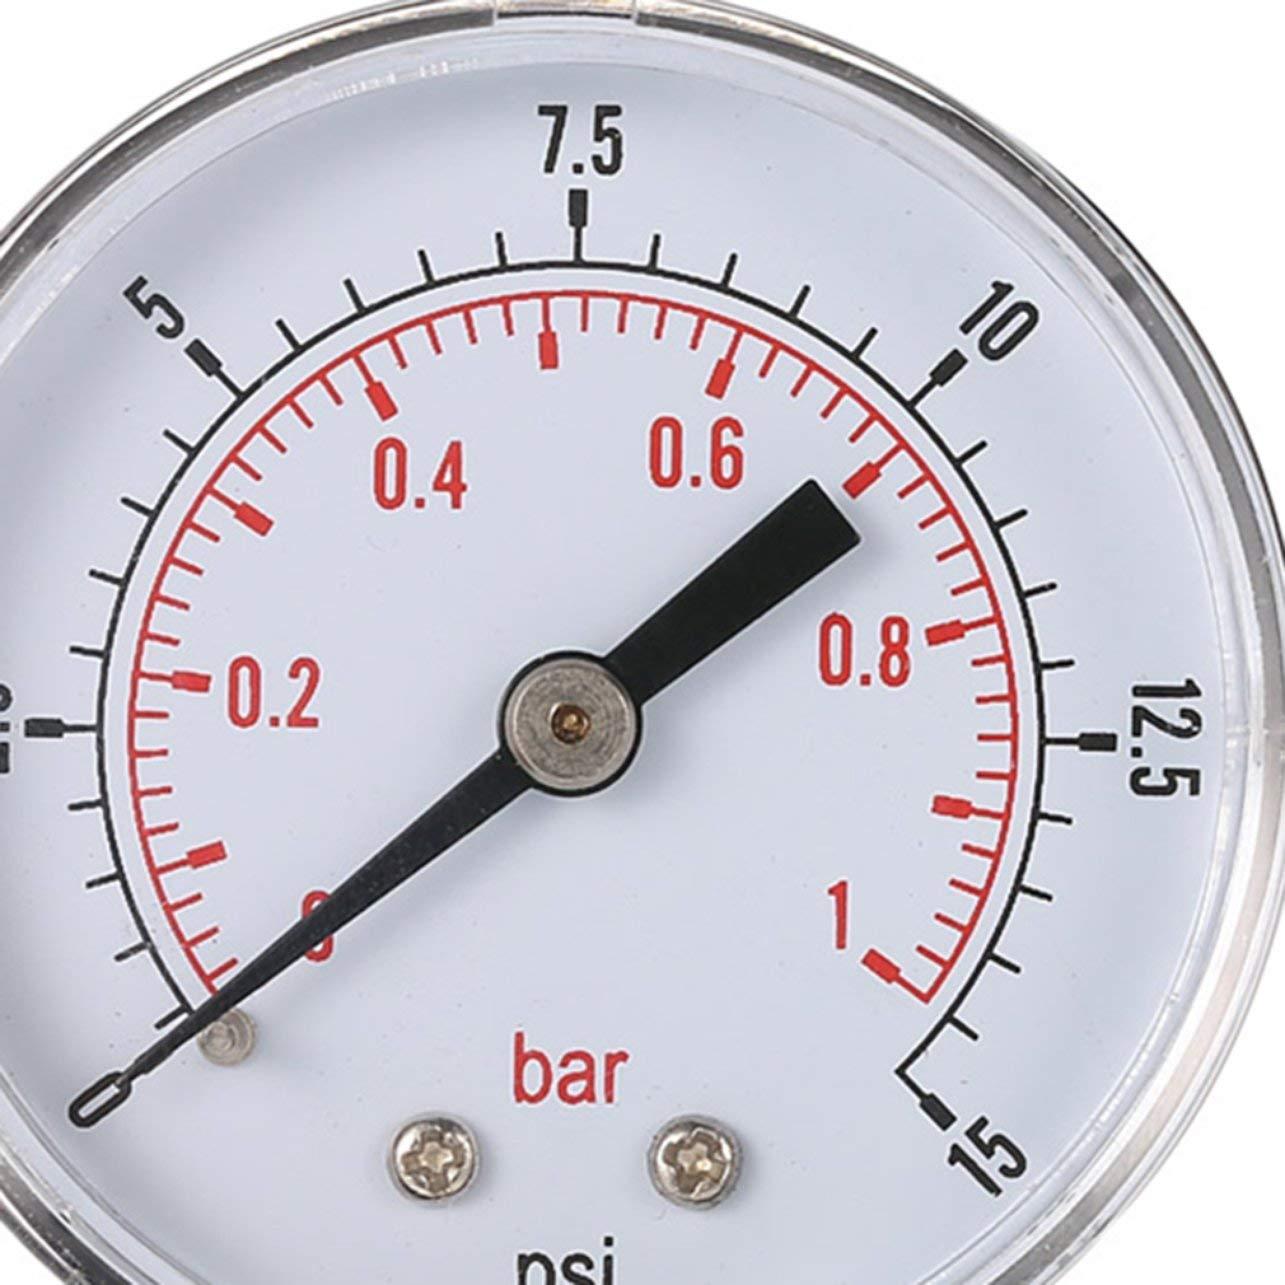 Mini Manometro bassa pressione per il carburante aria olio o acqua 50 millimetri 0-15 PSI 0-1 bar